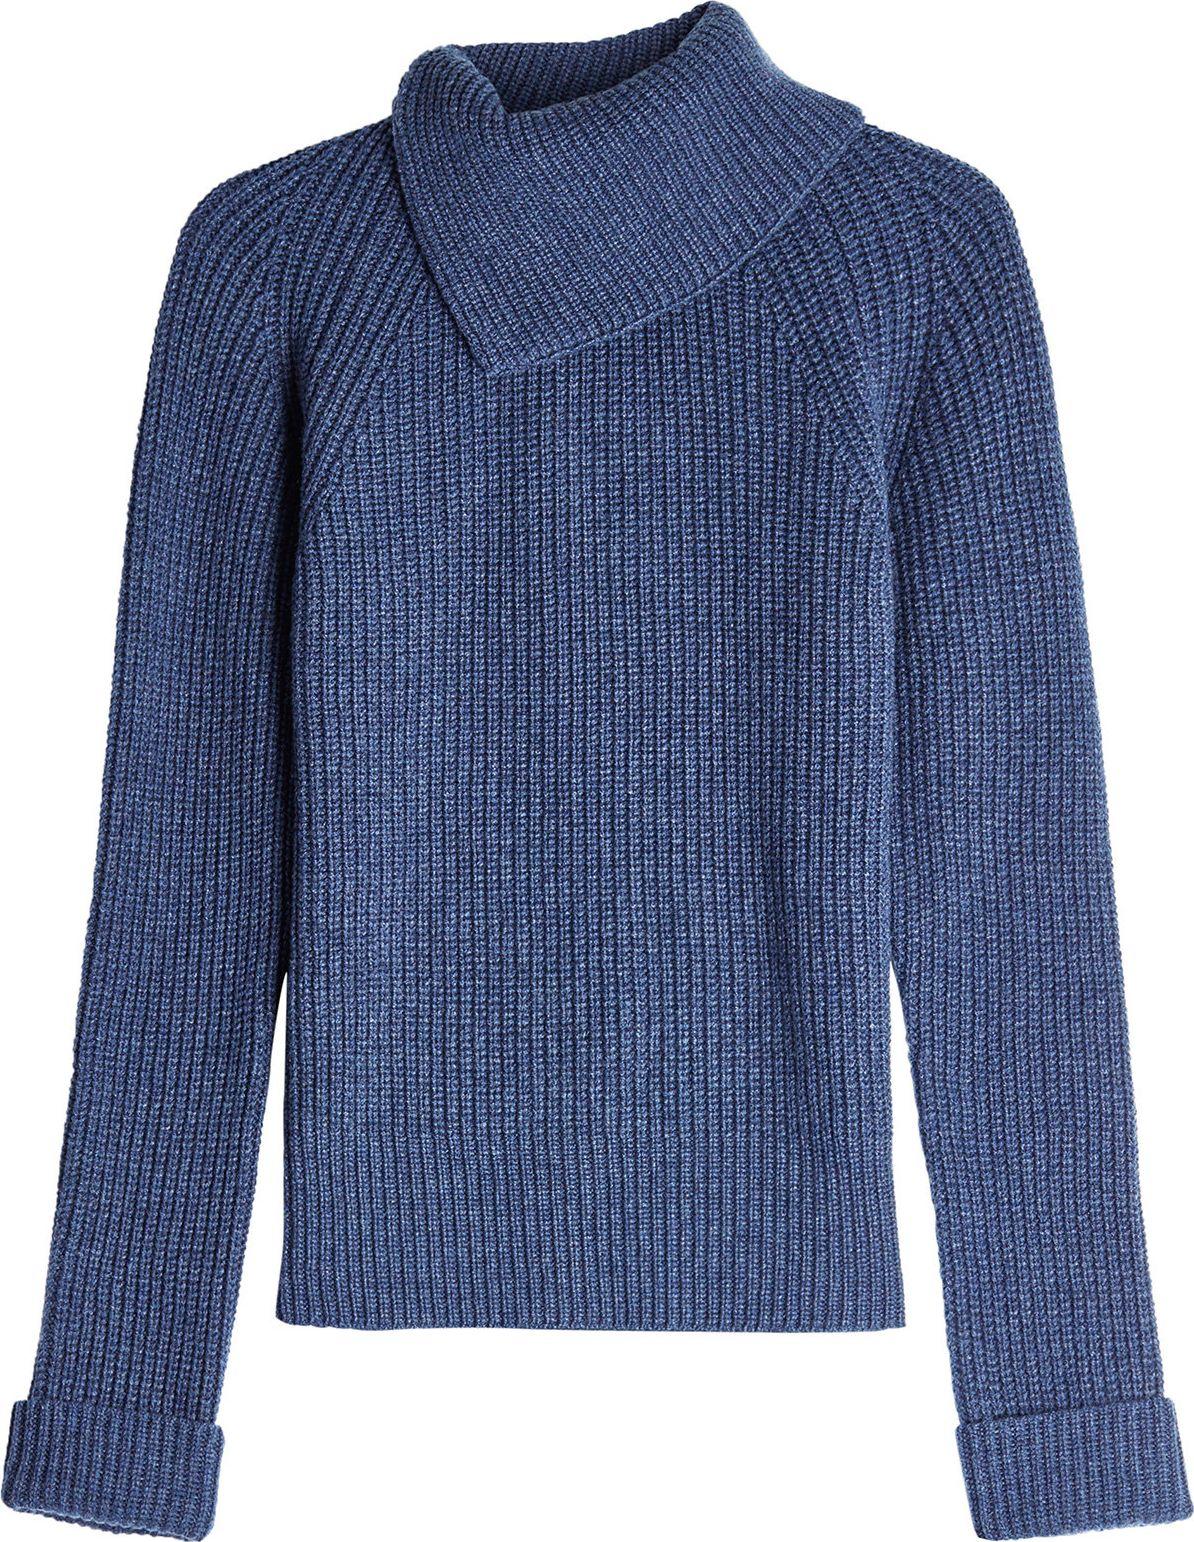 Agnona - Cashmere Pullover